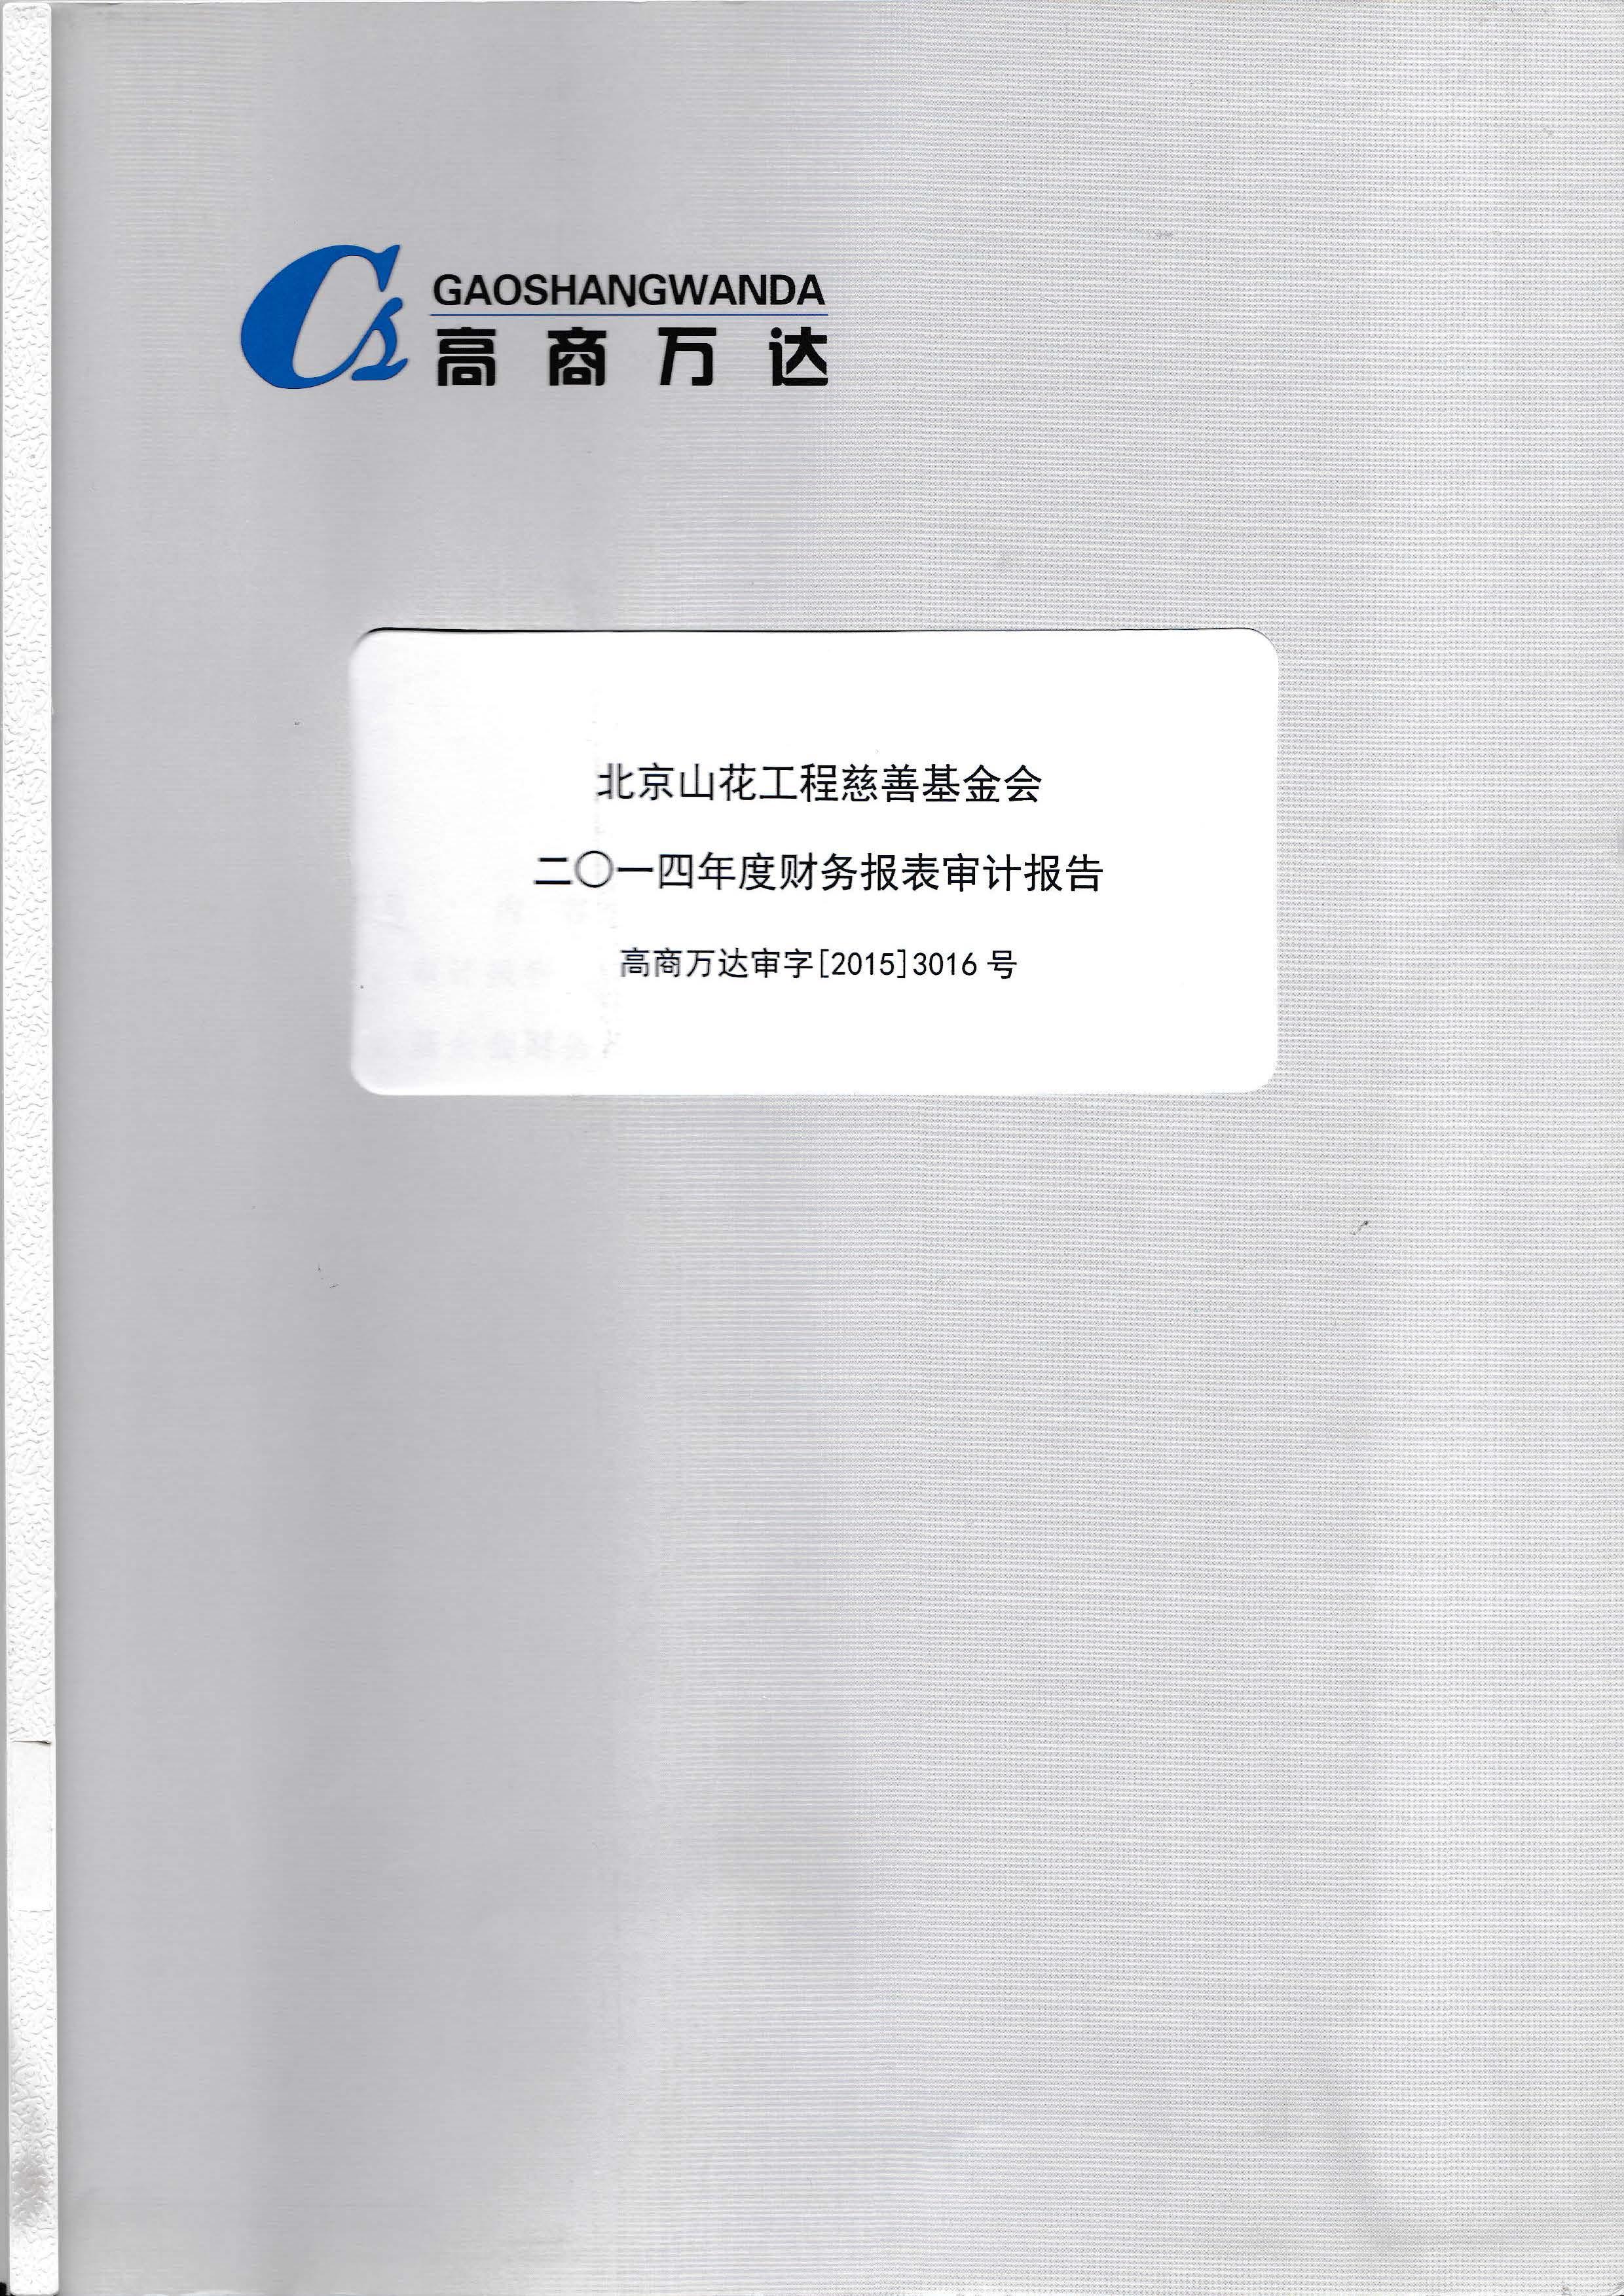 2014年审计报告_页面_01